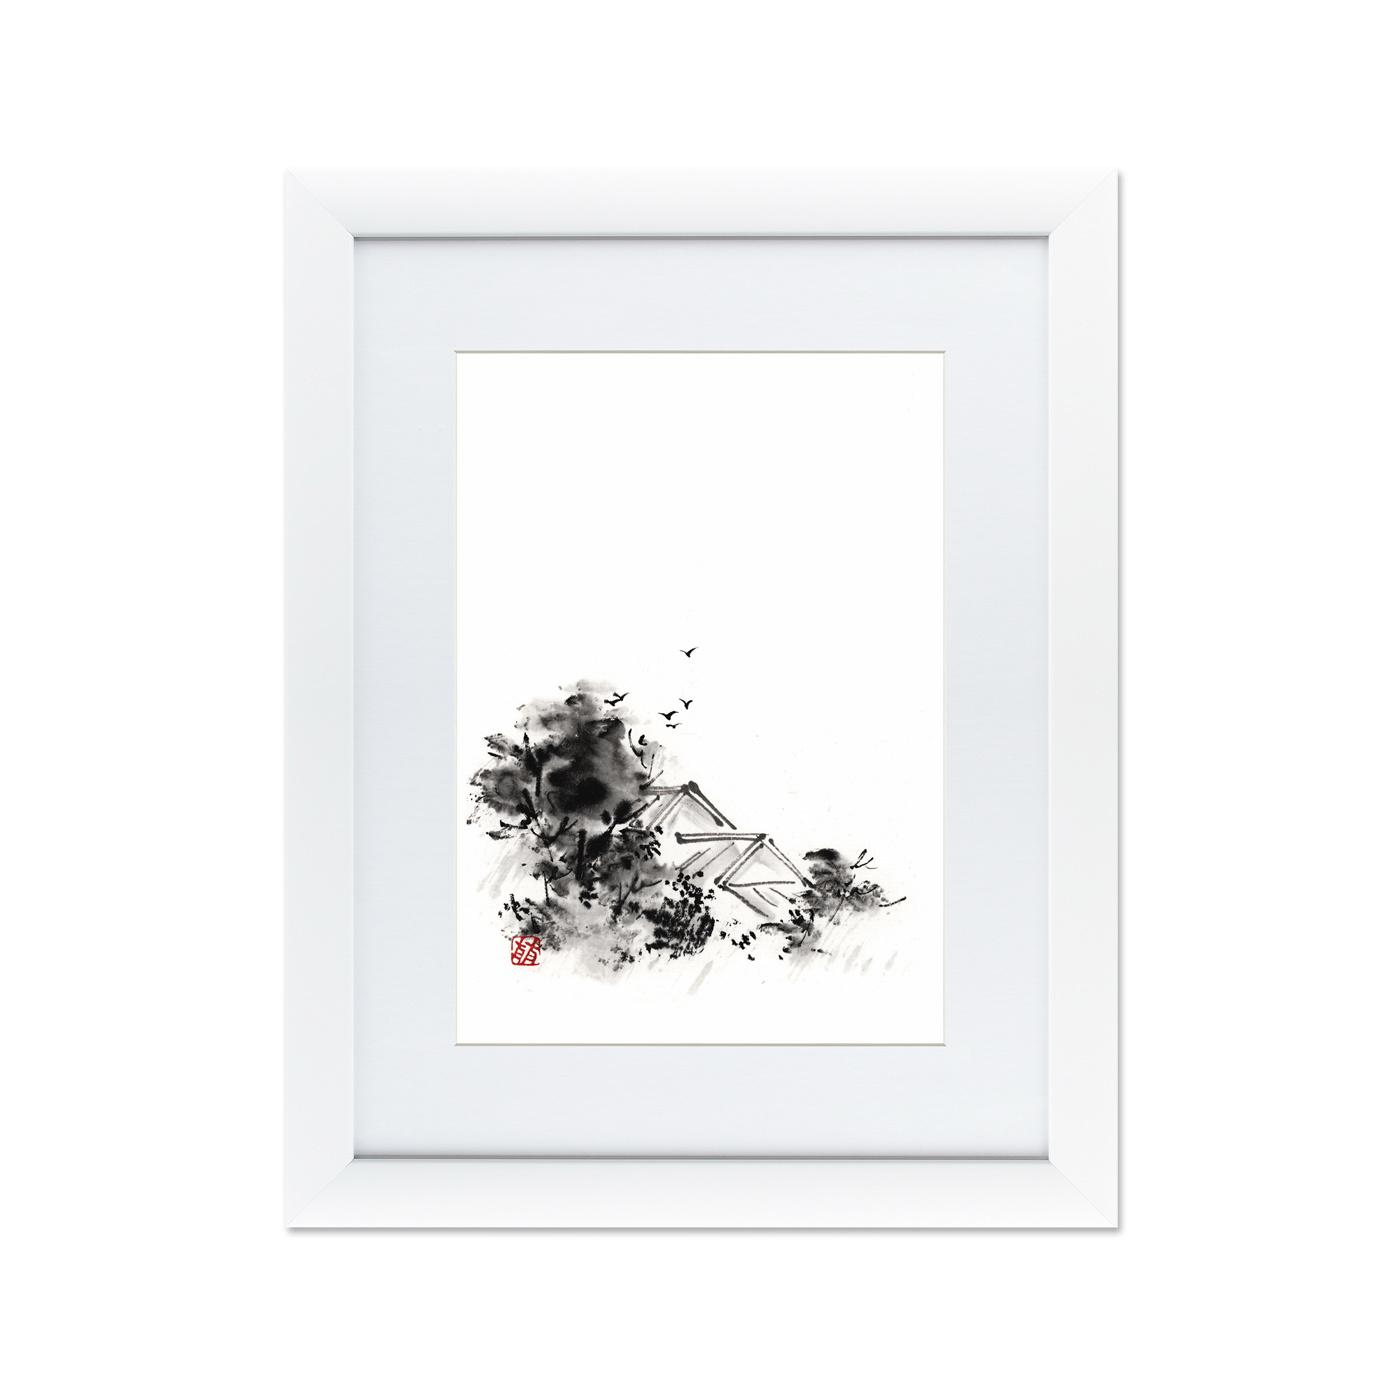 {} Картины в Квартиру Картина Японская Акварель Суми-э, №4 (47х60 см) картины в квартиру картина etude 2 102х130 см